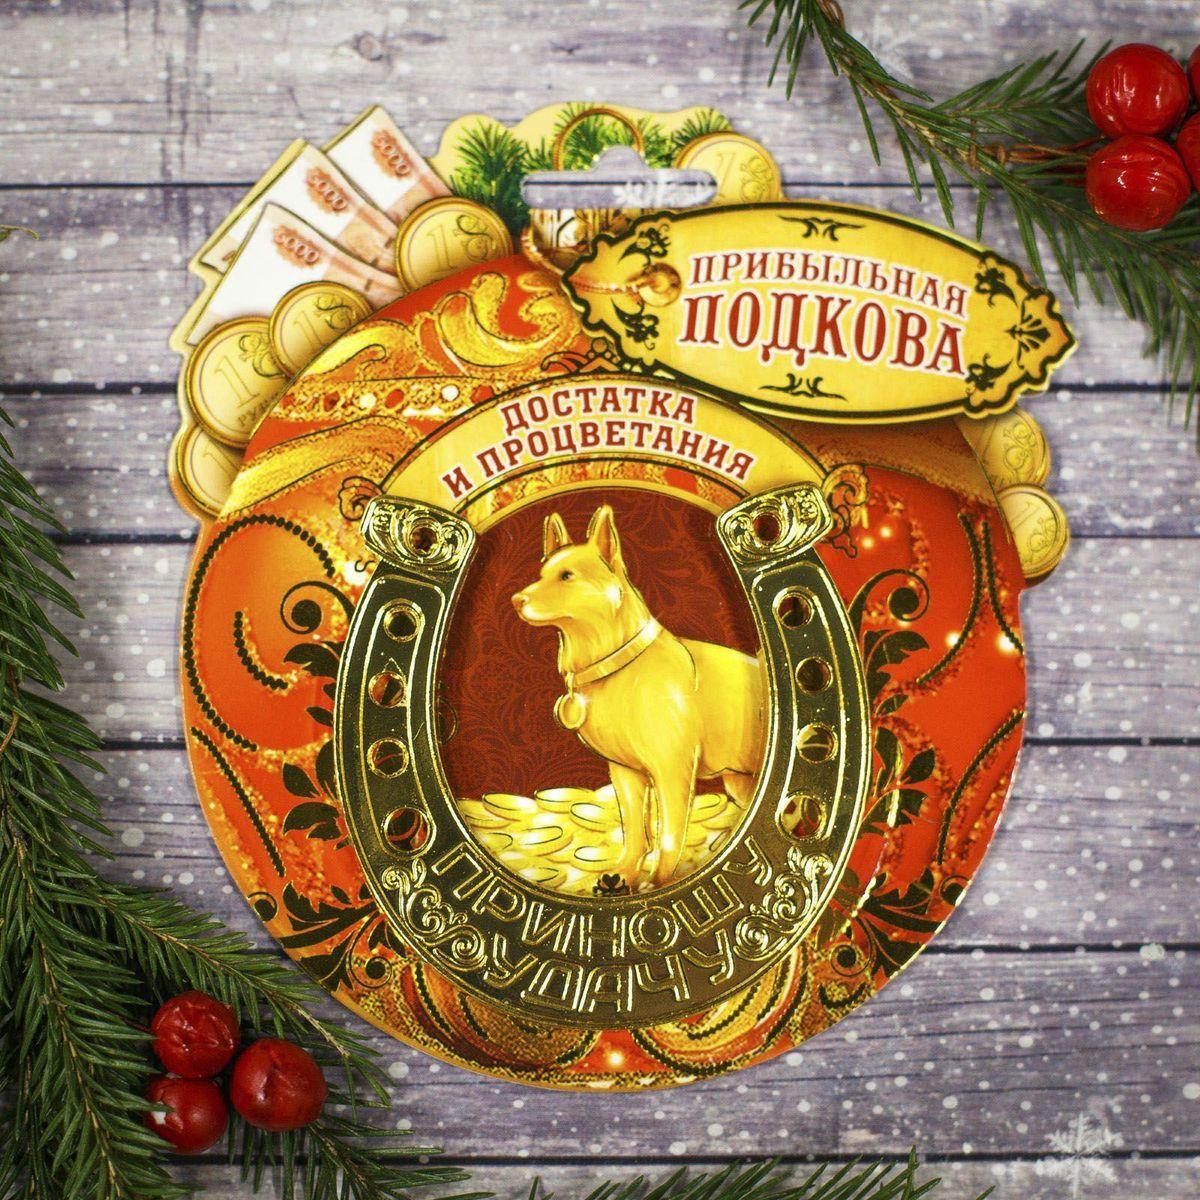 Подкова на подложке Sima-land Прибыльная, цвет: оранжевый, 7 см2268606Приближаются самые добрые и долгожданные праздники — Новый год и Рождество. Подкова Sima-land - это чудесный сувенир, способный привлечь счастье, успех и достаток, стоит лишь расположить его на рабочем столе дома или в офисе! Или носить с собой в качестве оберега. Такой подарок прекрасно впишется в любой интерьер и станет отличным атрибутом праздника, а также станет отличным оберегом своего хозяина.